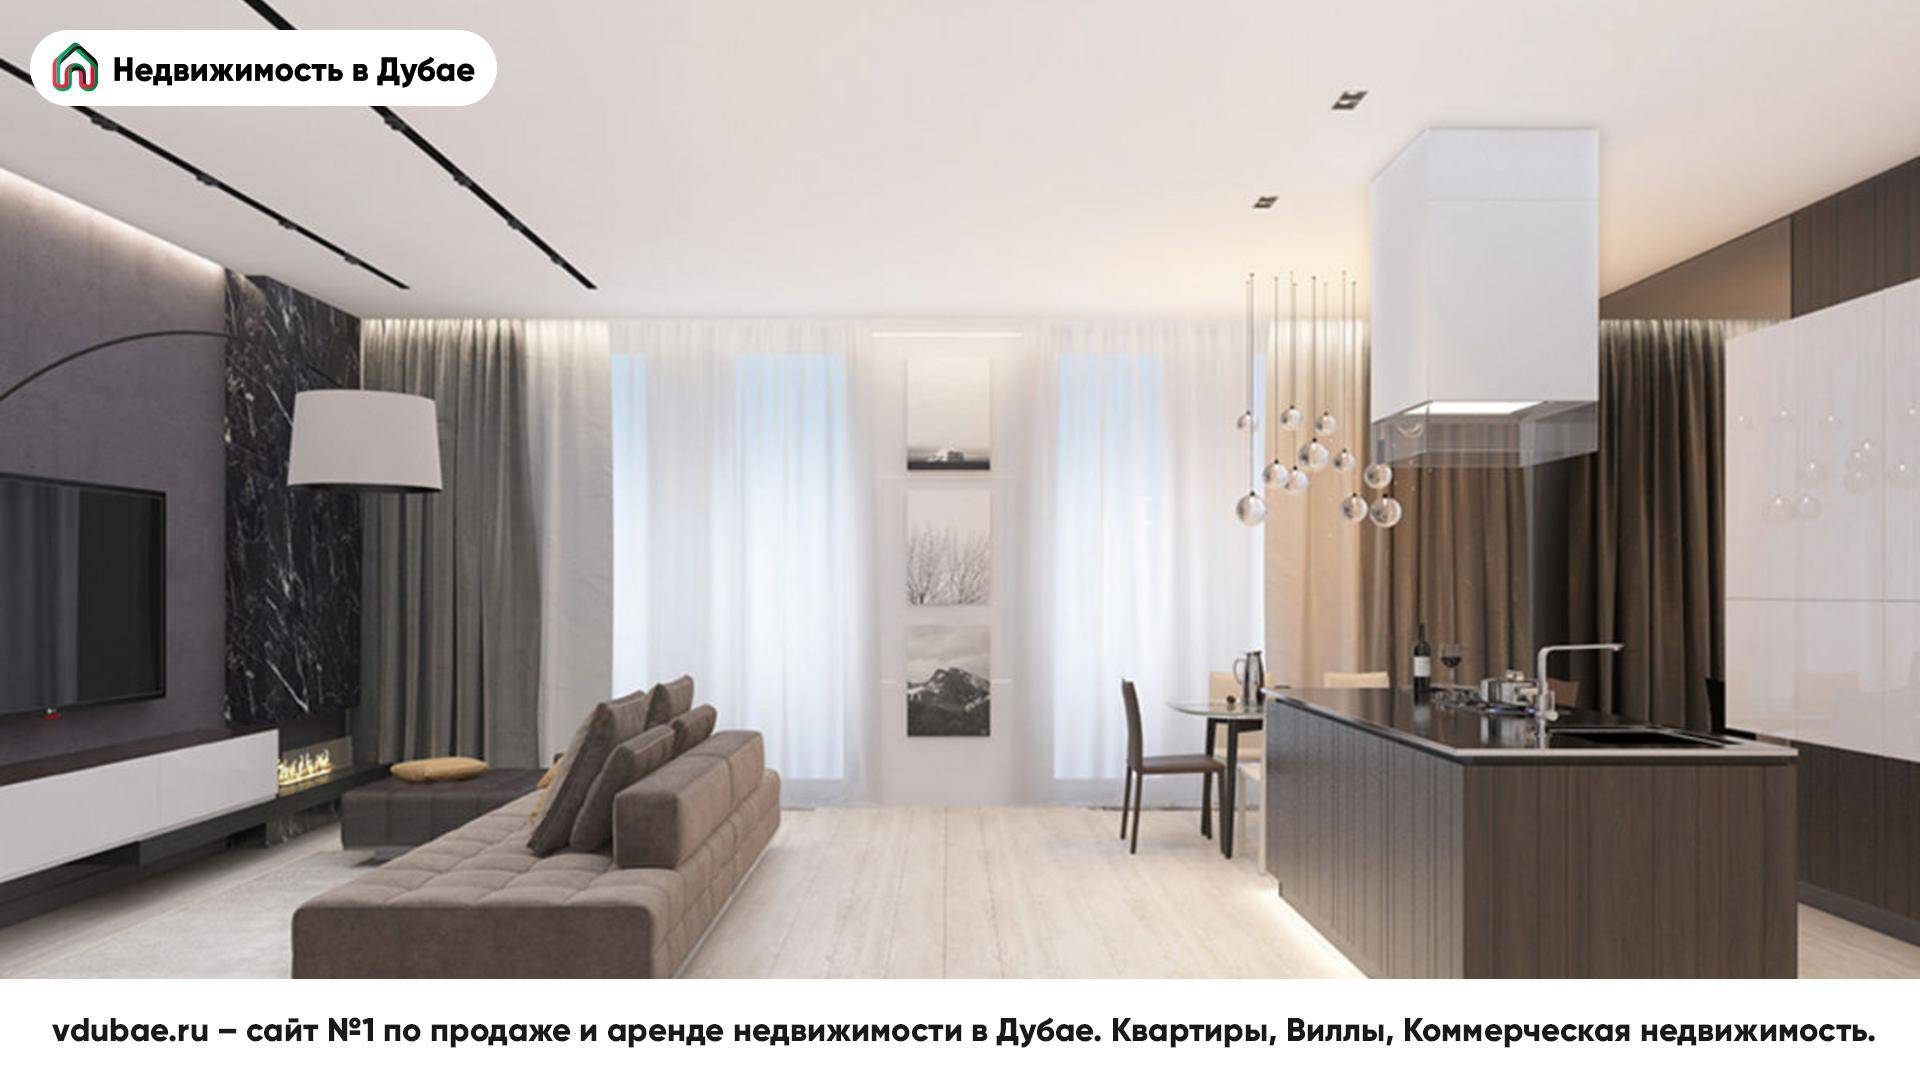 Интерьер гостиной в стиле минимализм (80 фото)